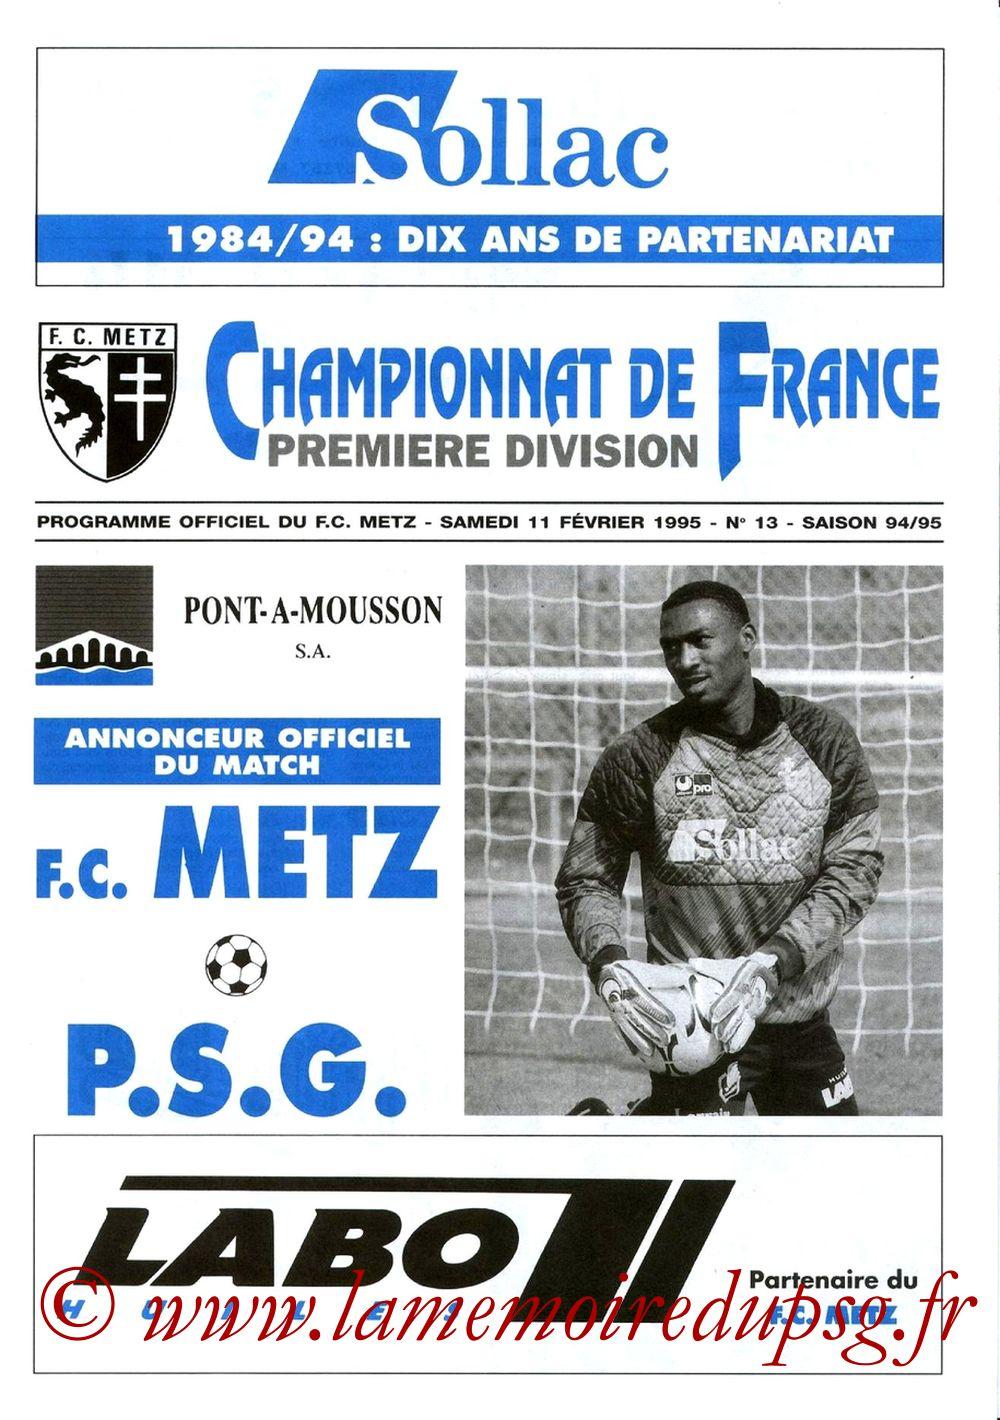 1995-02-11  Metz-PSG (26ème D1, Programme officiel N°13)